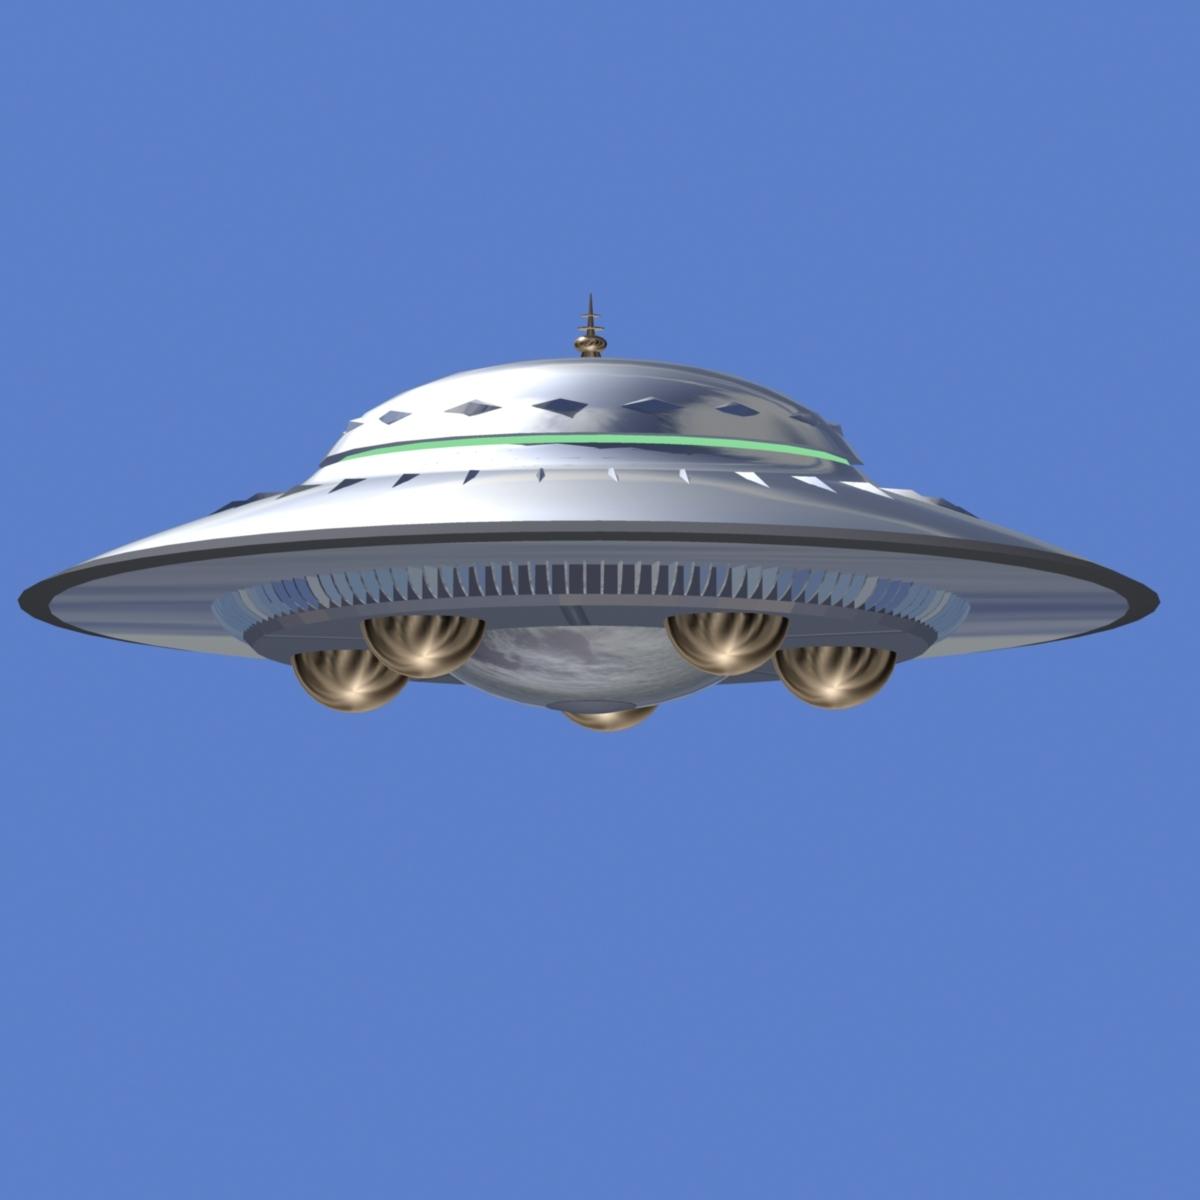 Image result for flying saucer